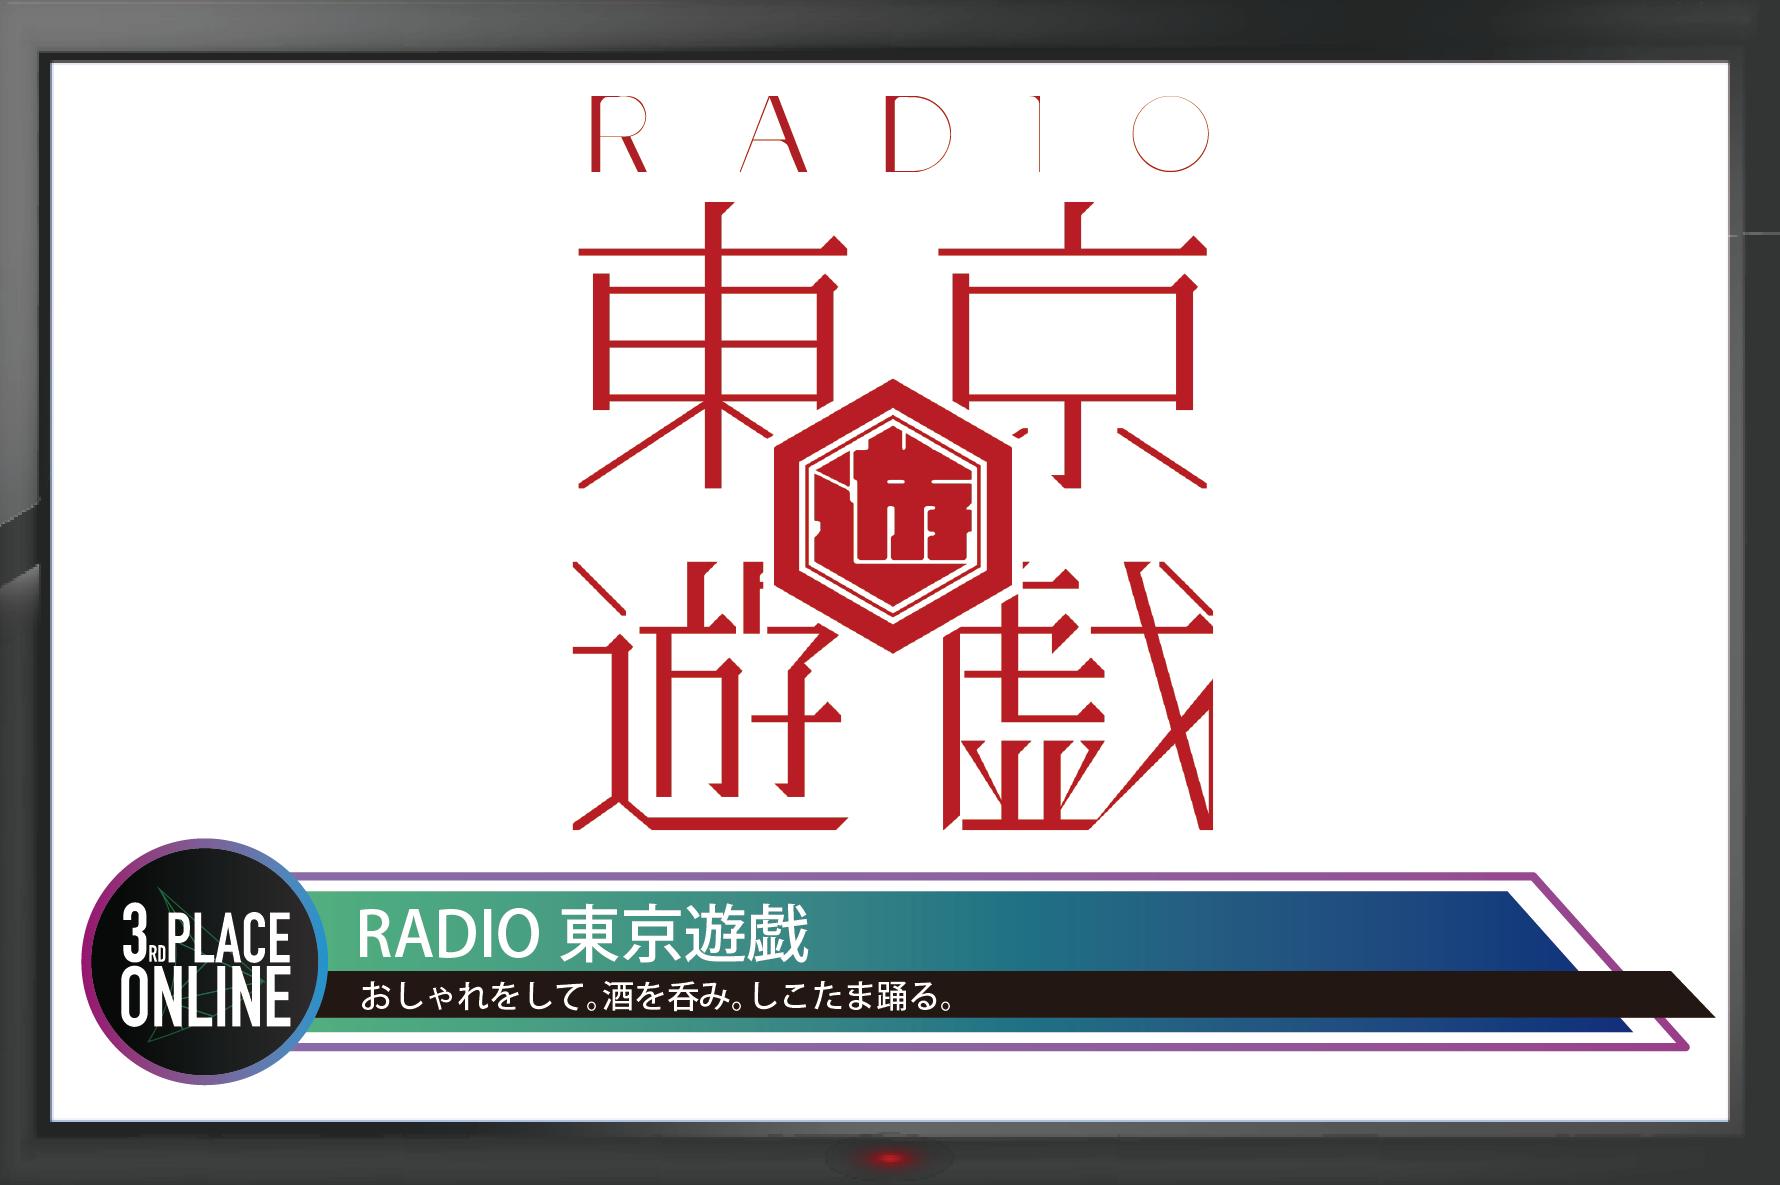 RADIO 東京遊戯